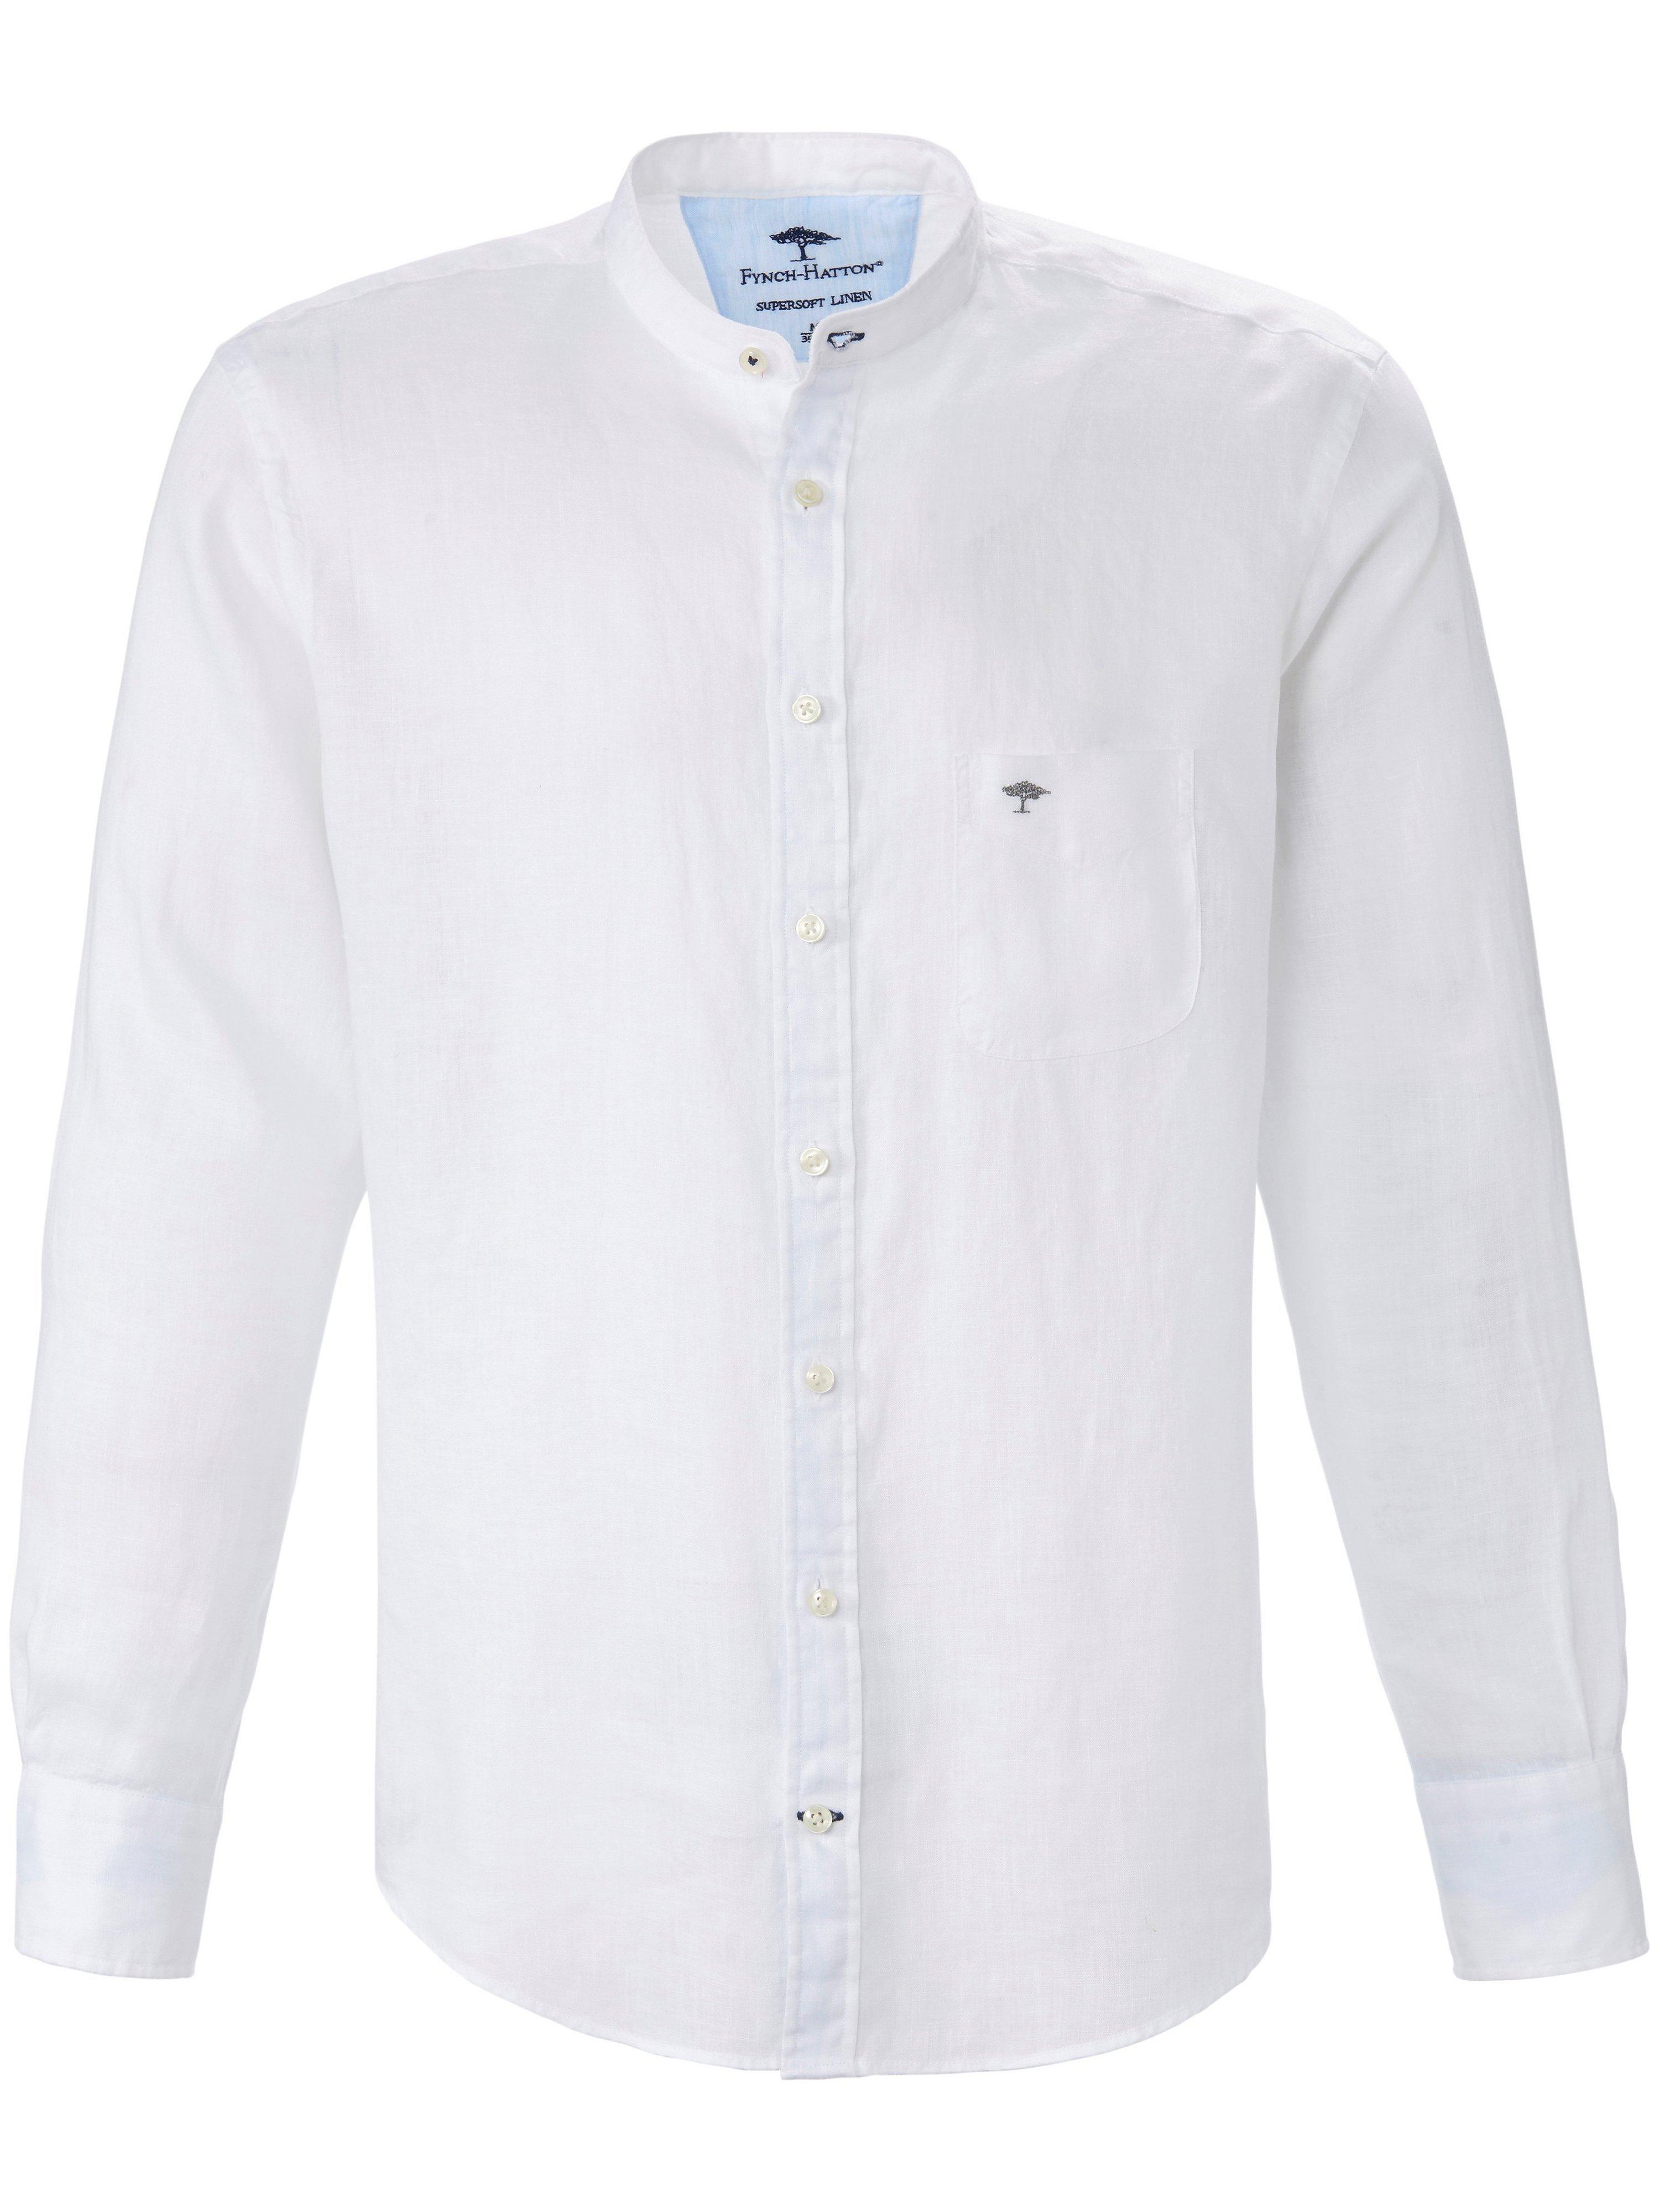 Overhemd Van Fynch Hatton wit